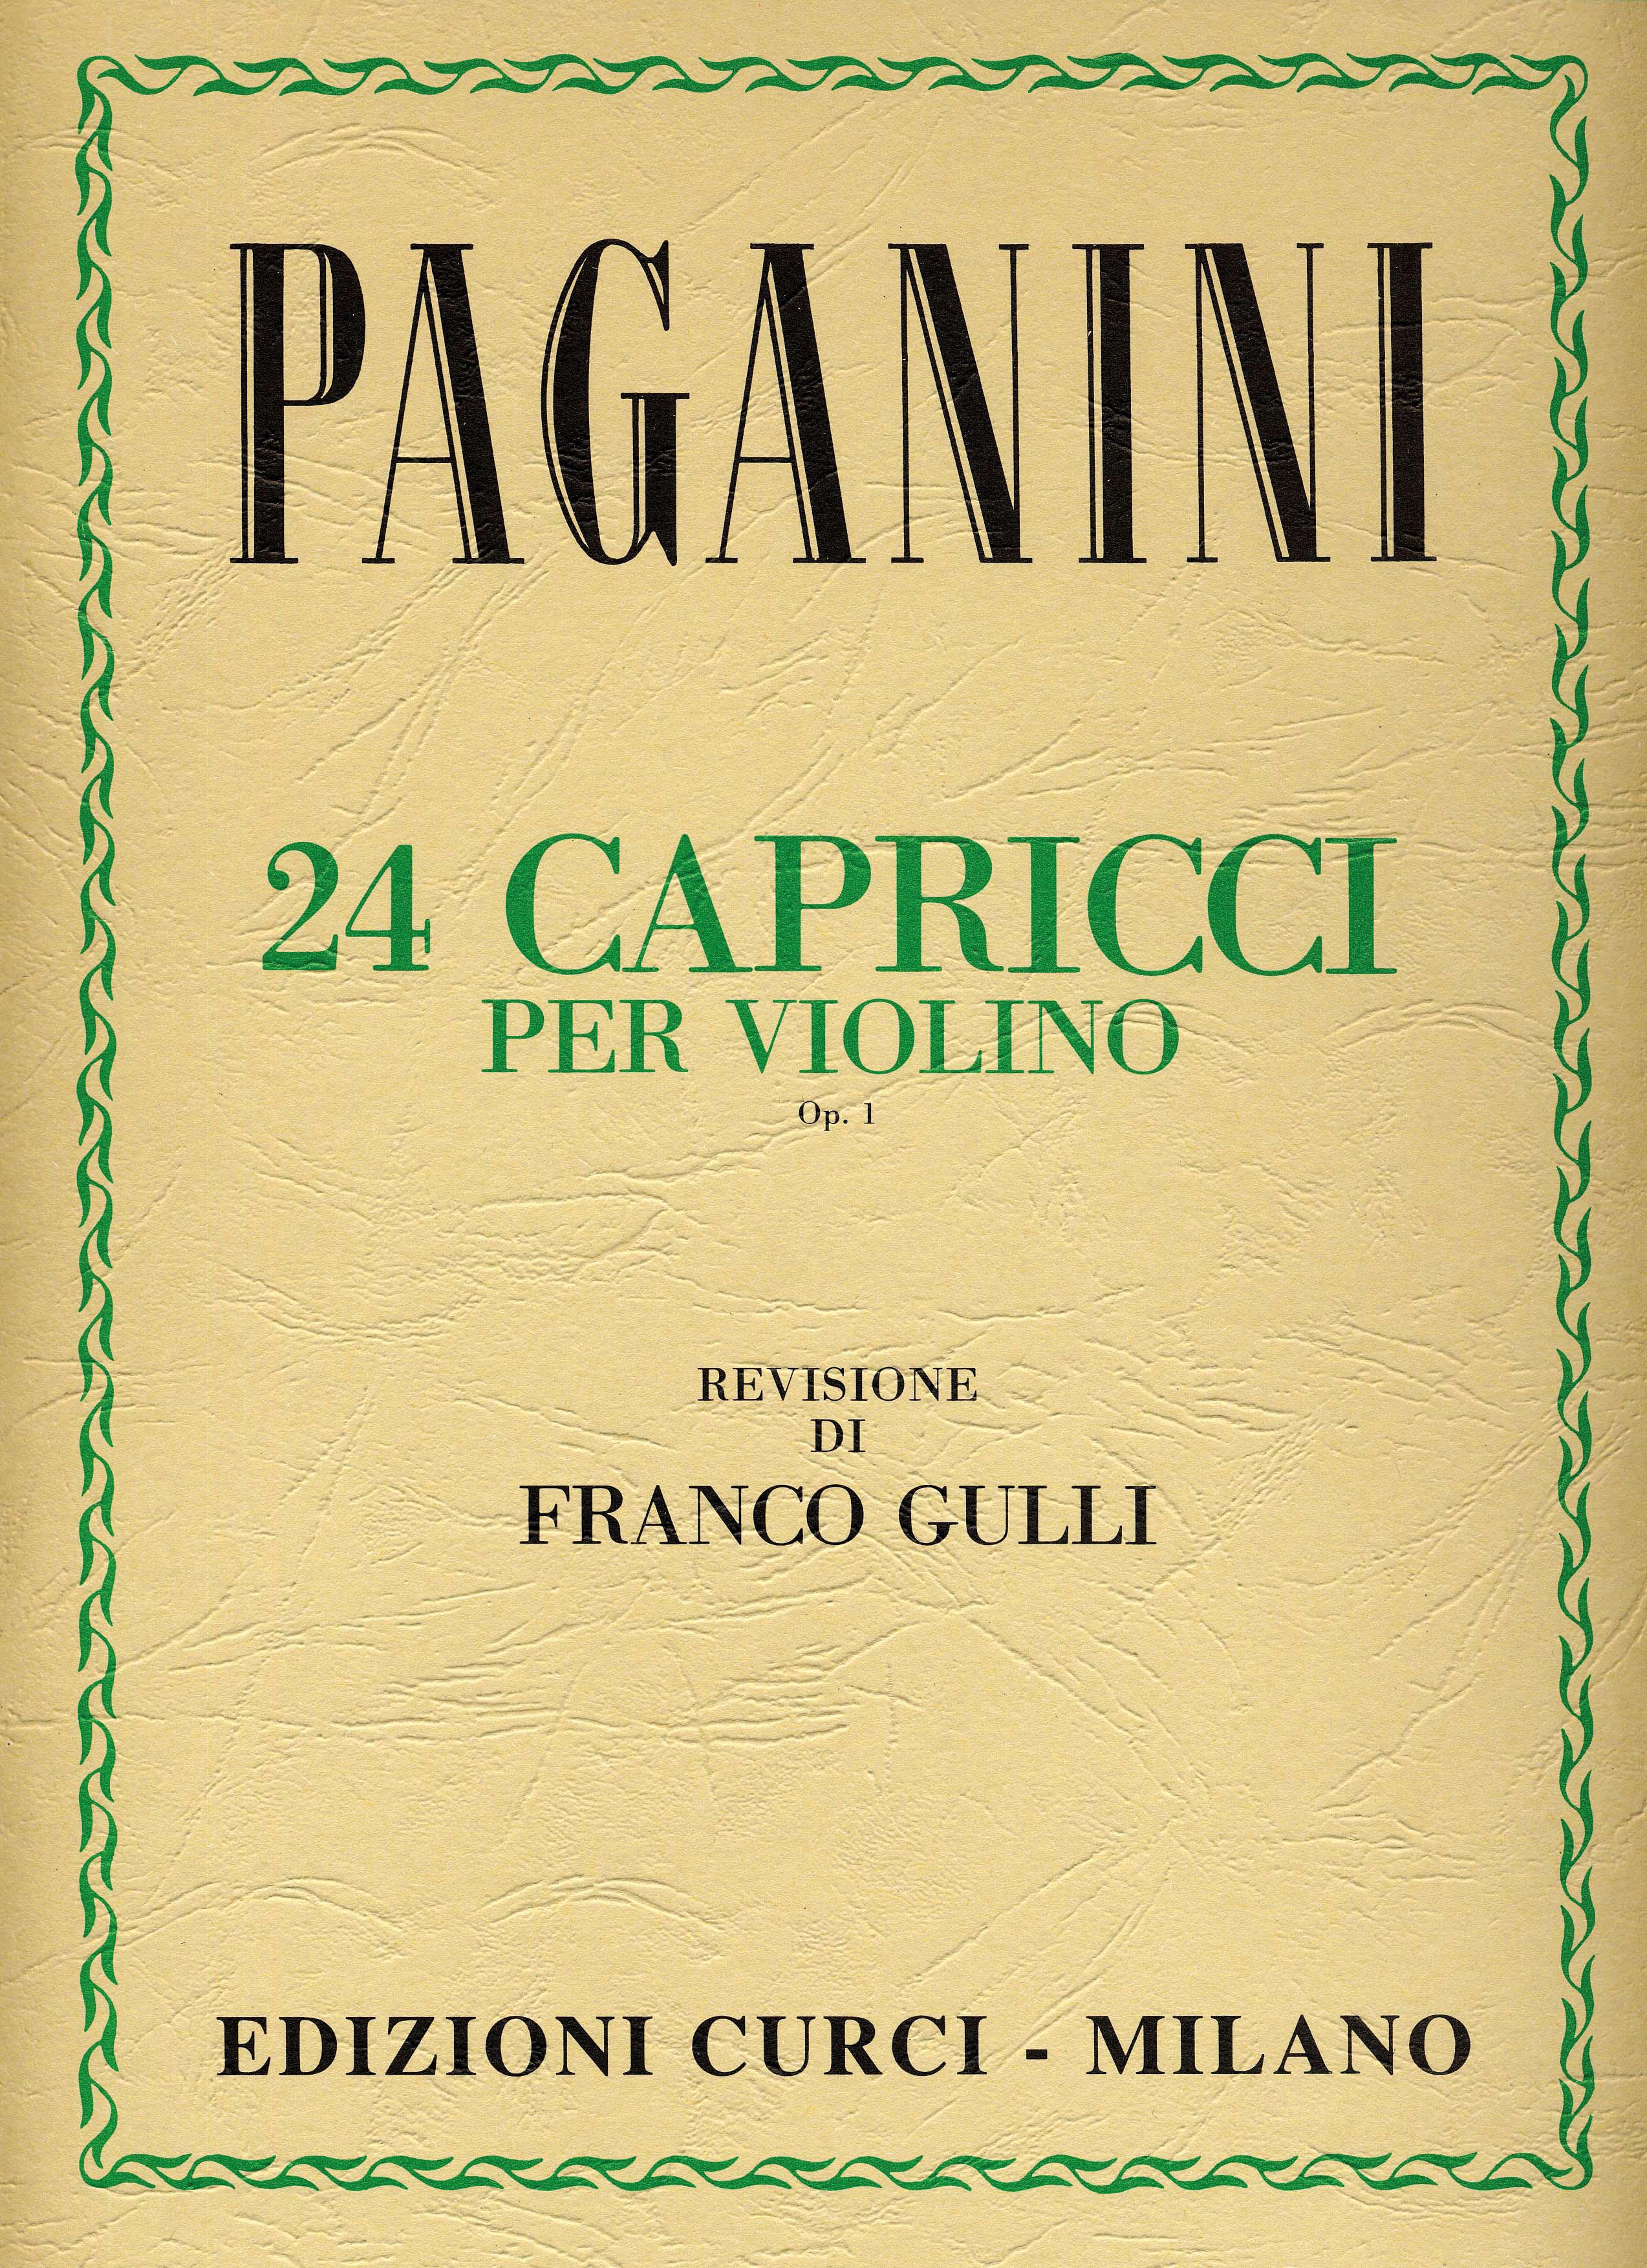 CAPRICCI PAGANINI PDF DOWNLOAD